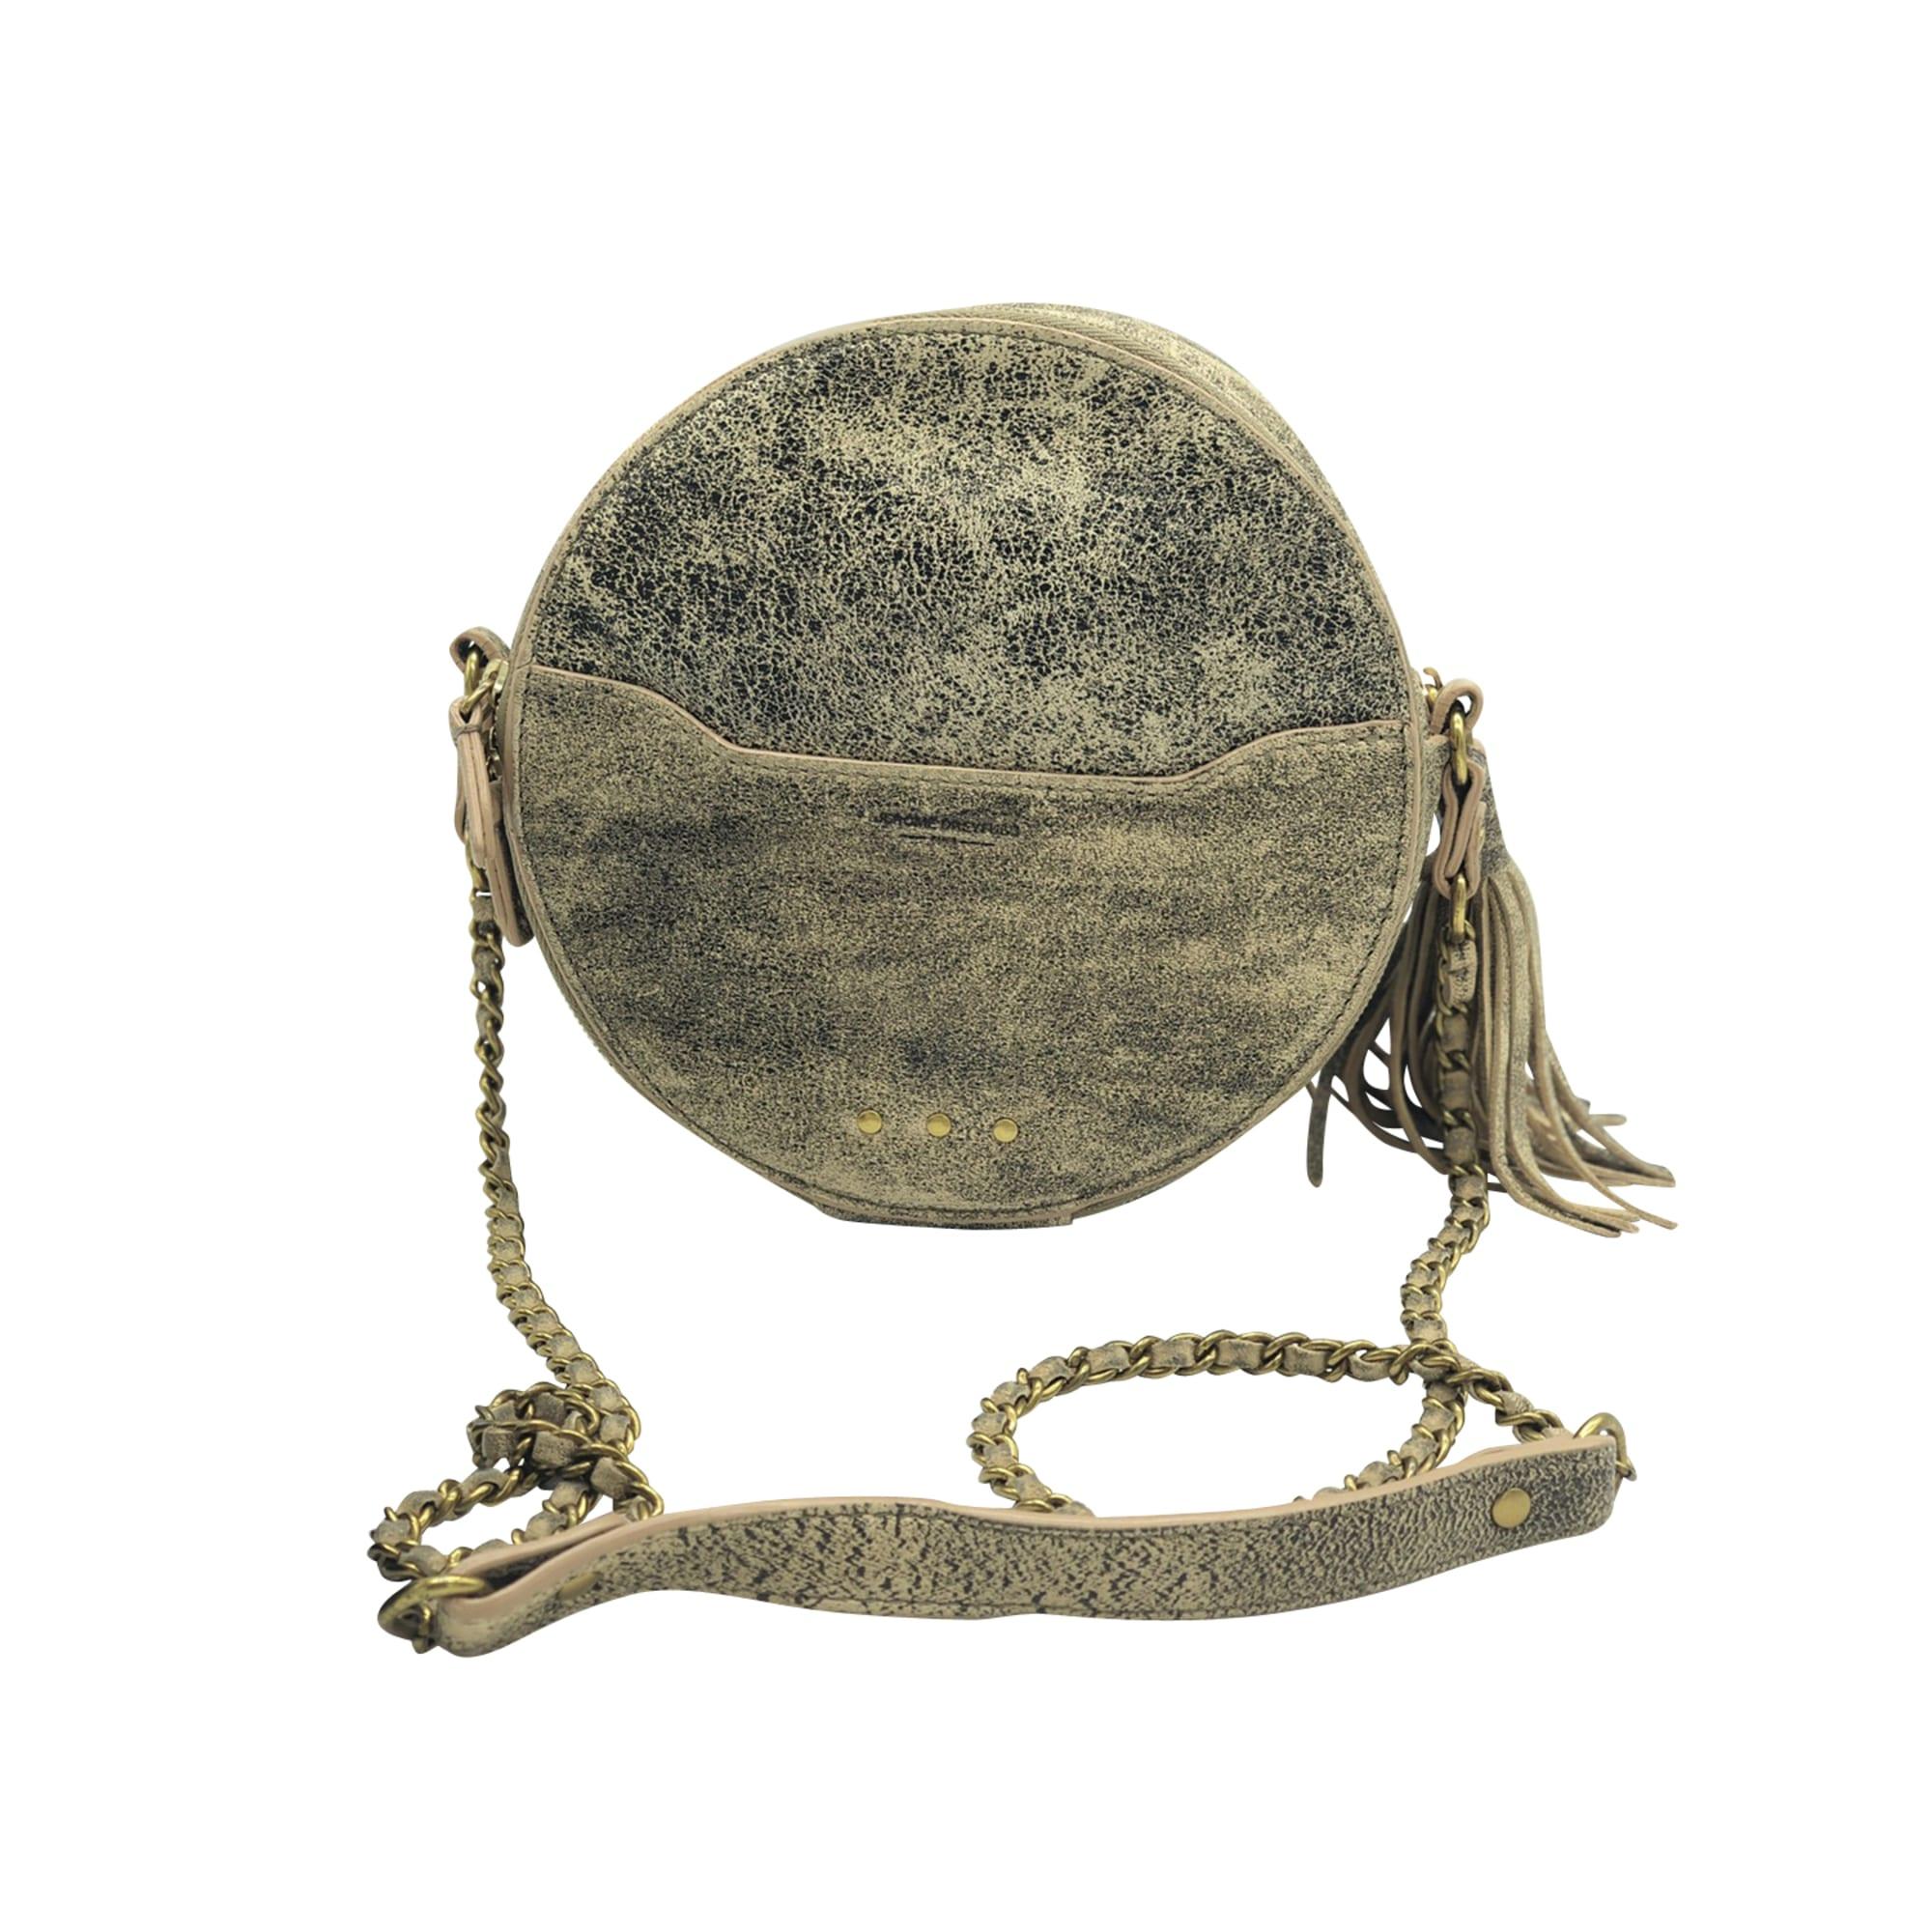 Leather Shoulder Bag JEROME DREYFUSS Beige, camel